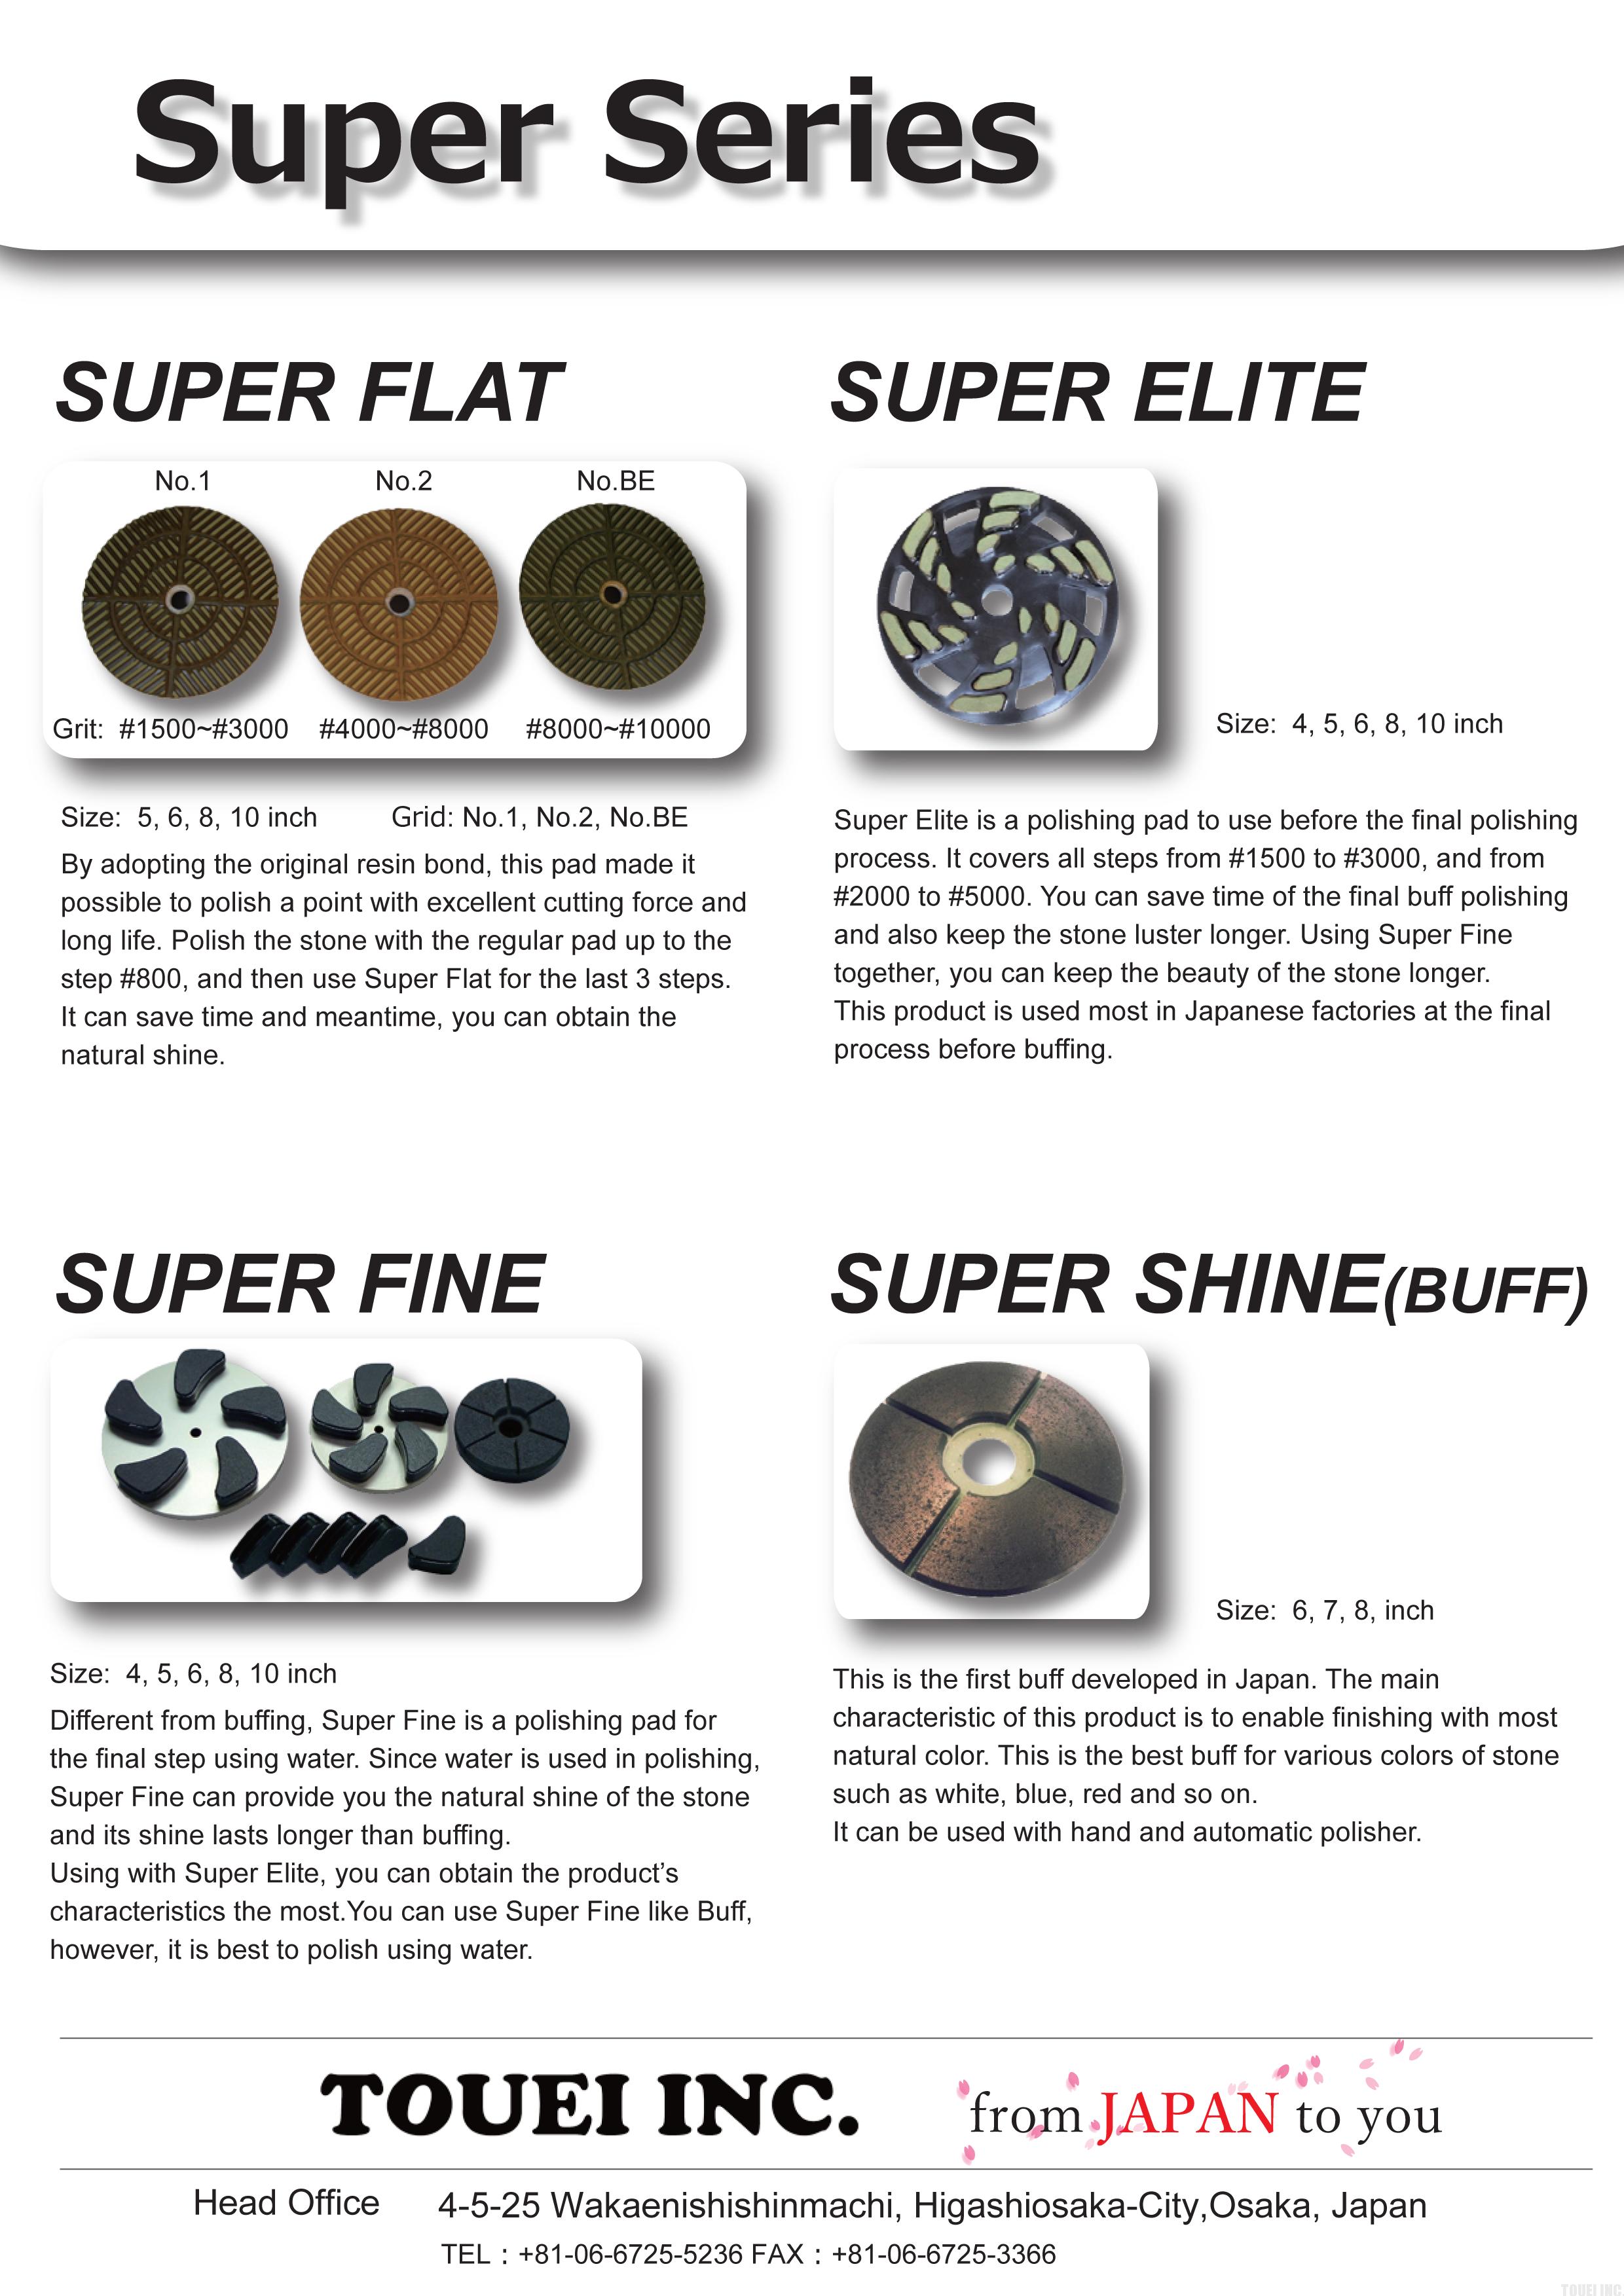 Super Siries